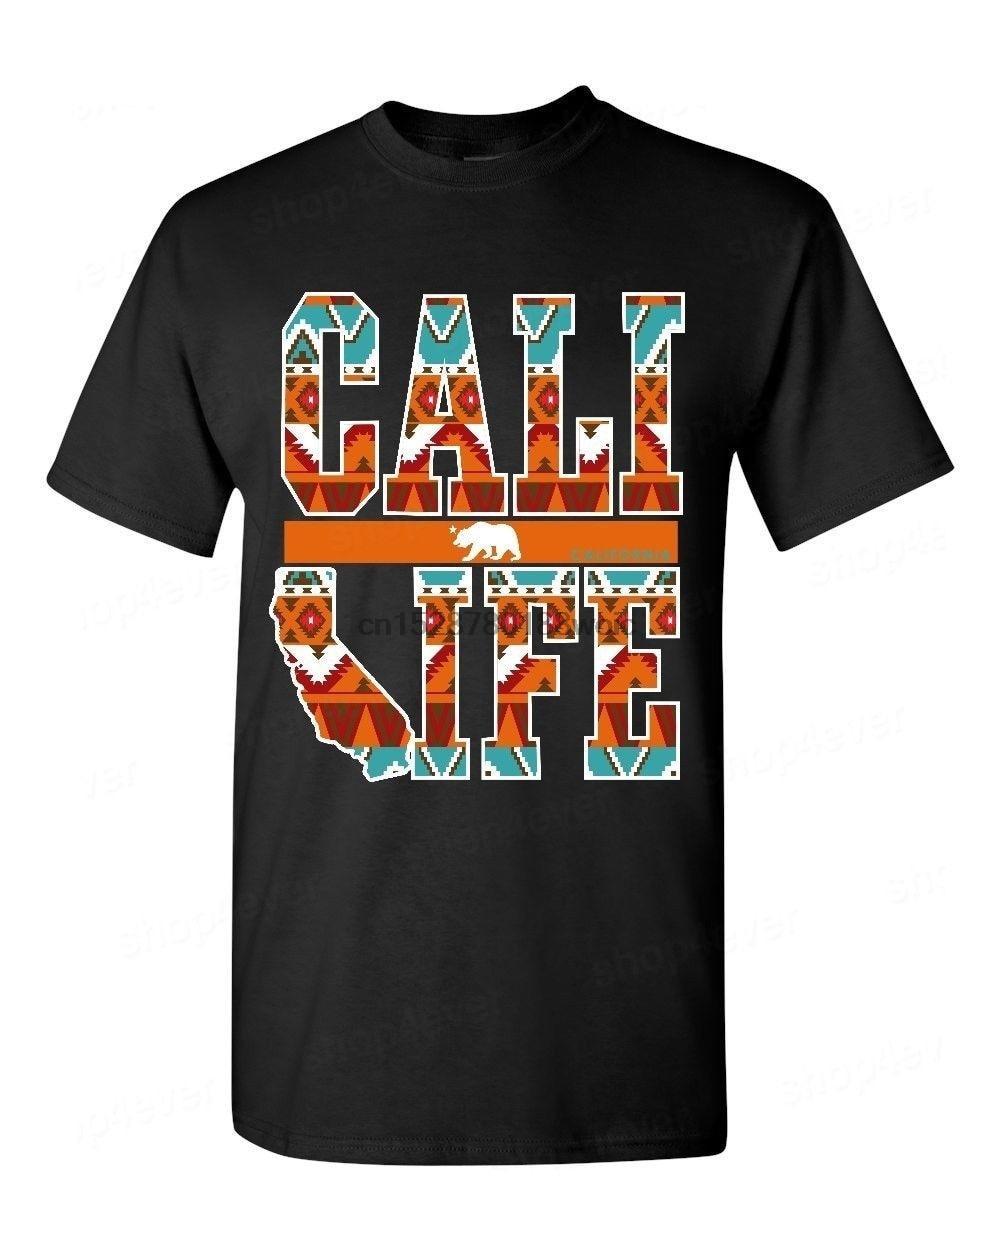 Nueva marca de moda T camisas Cali vida diseño indio T camisa estado nativo de sueño Catcher camiseta California impresión camiseta